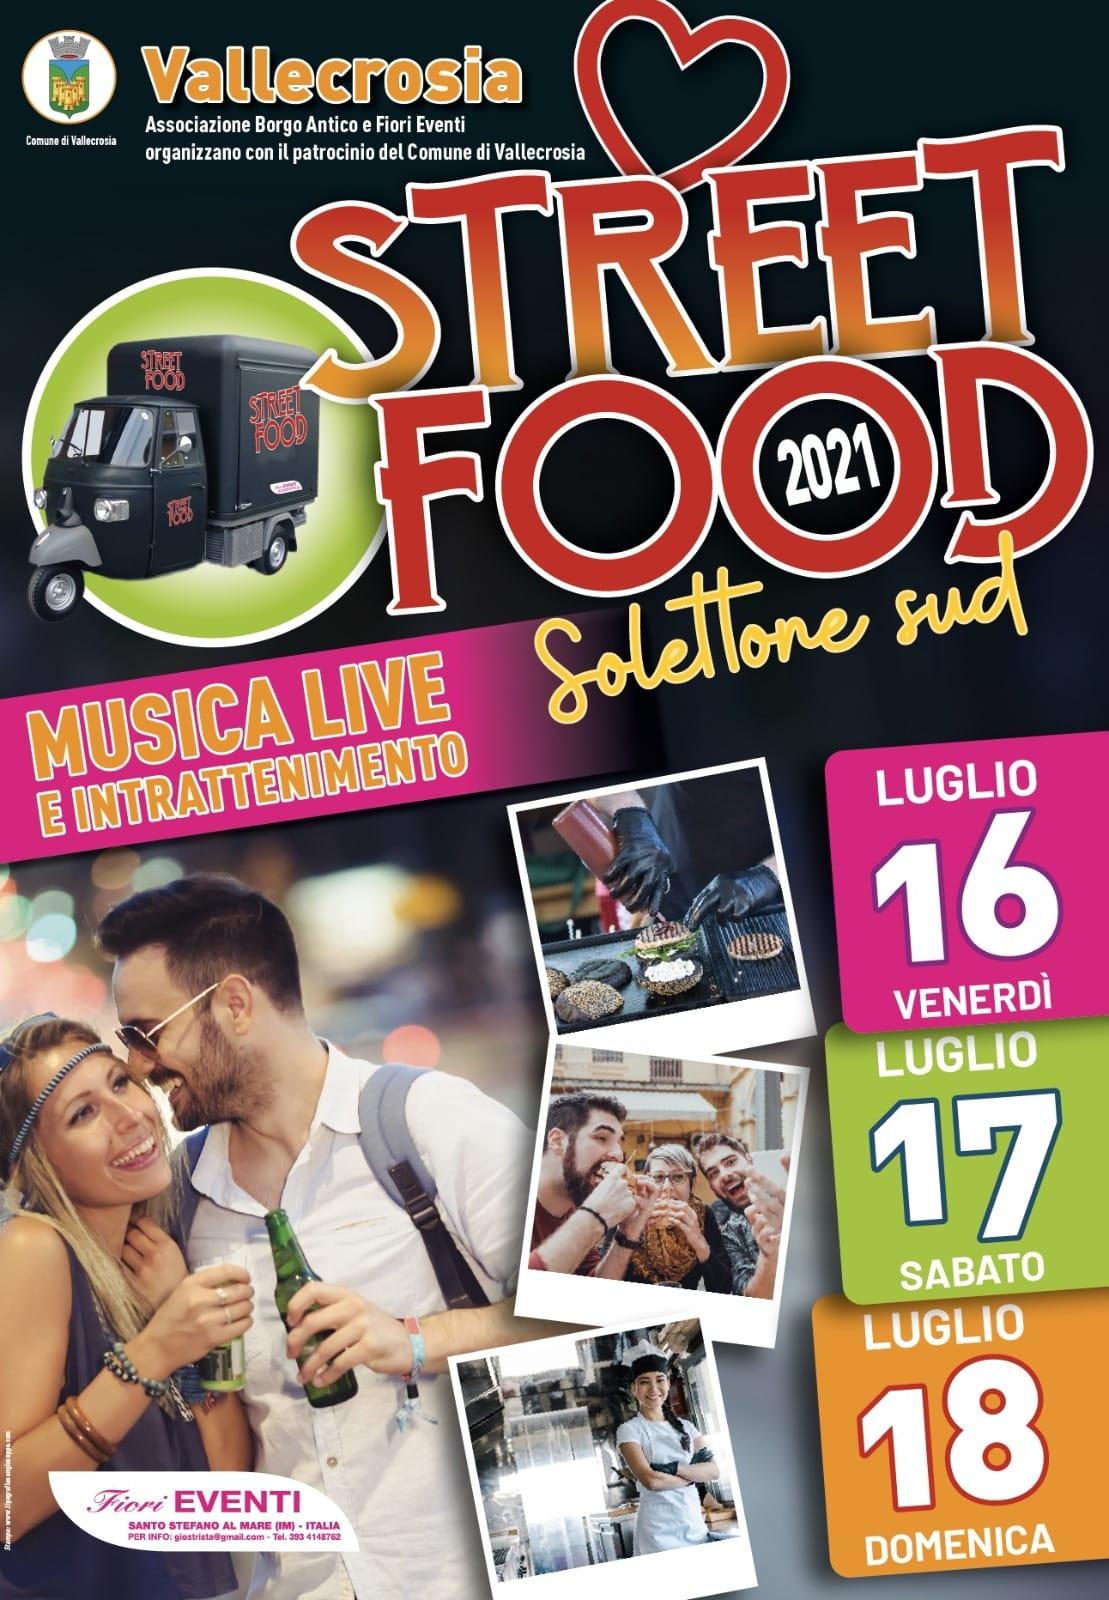 Street Food Estate 2021